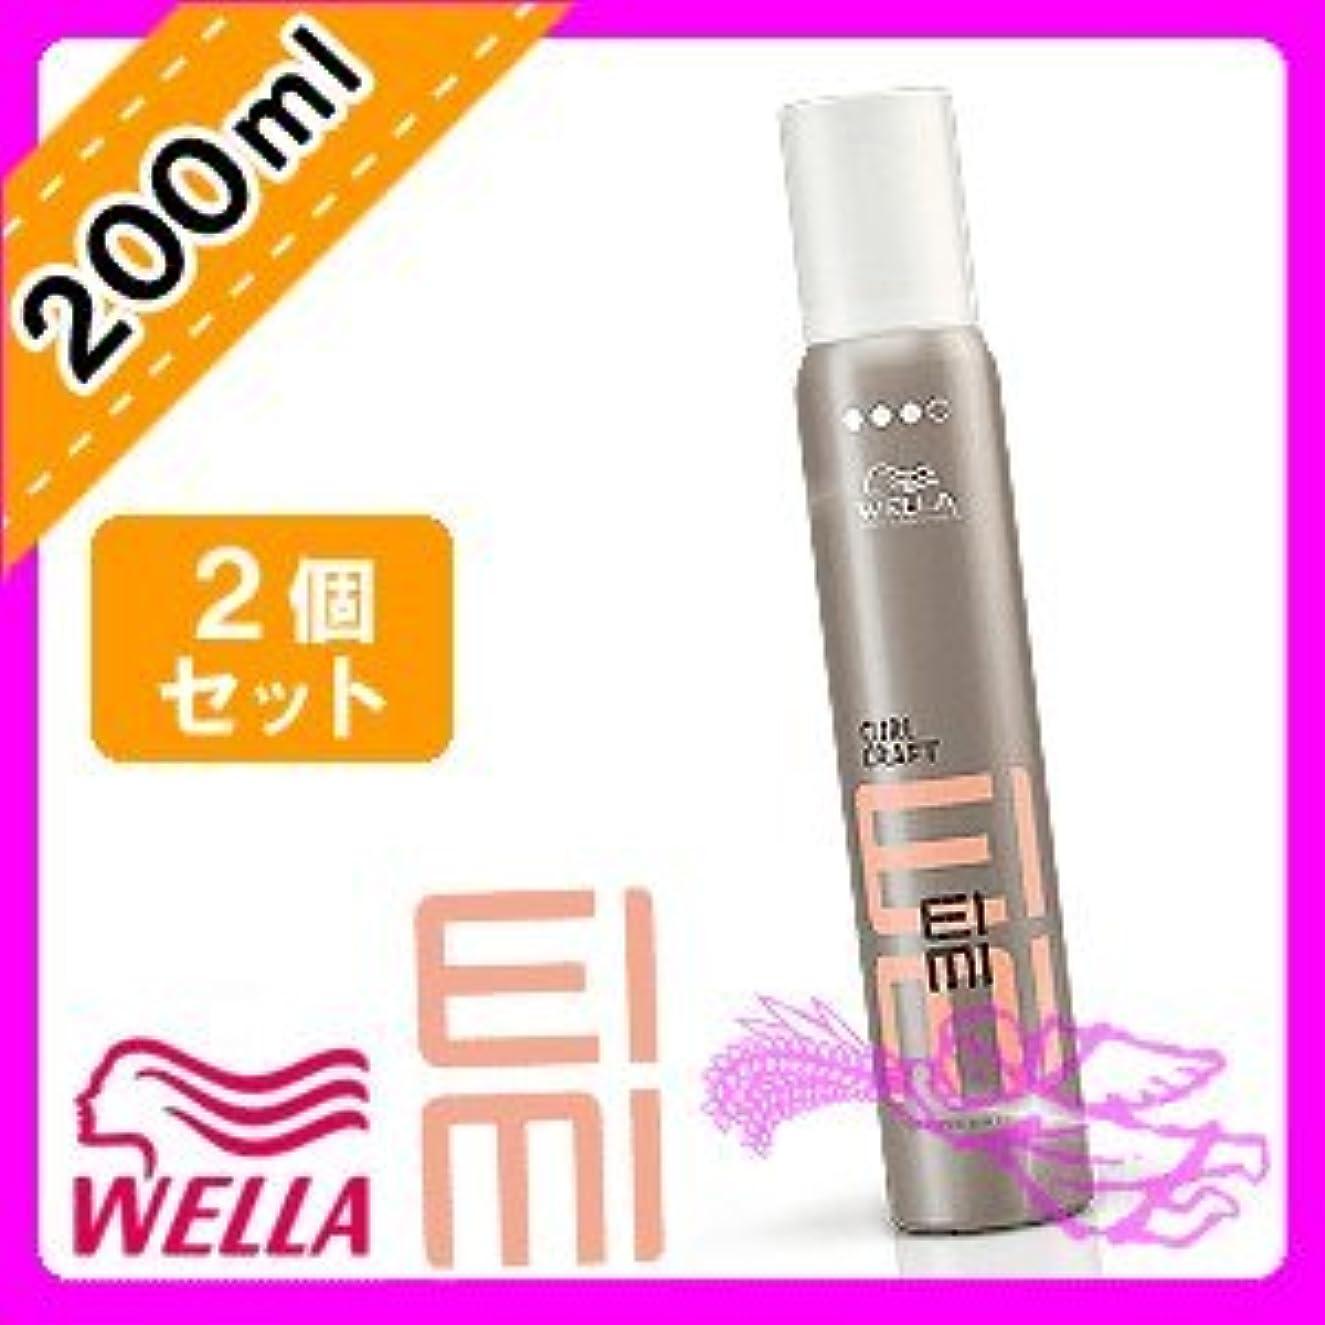 一月そうでなければ消毒するウエラ EIMI(アイミィ) カールクラフトワックスムース 200ml ×2個 セット WELLA P&G